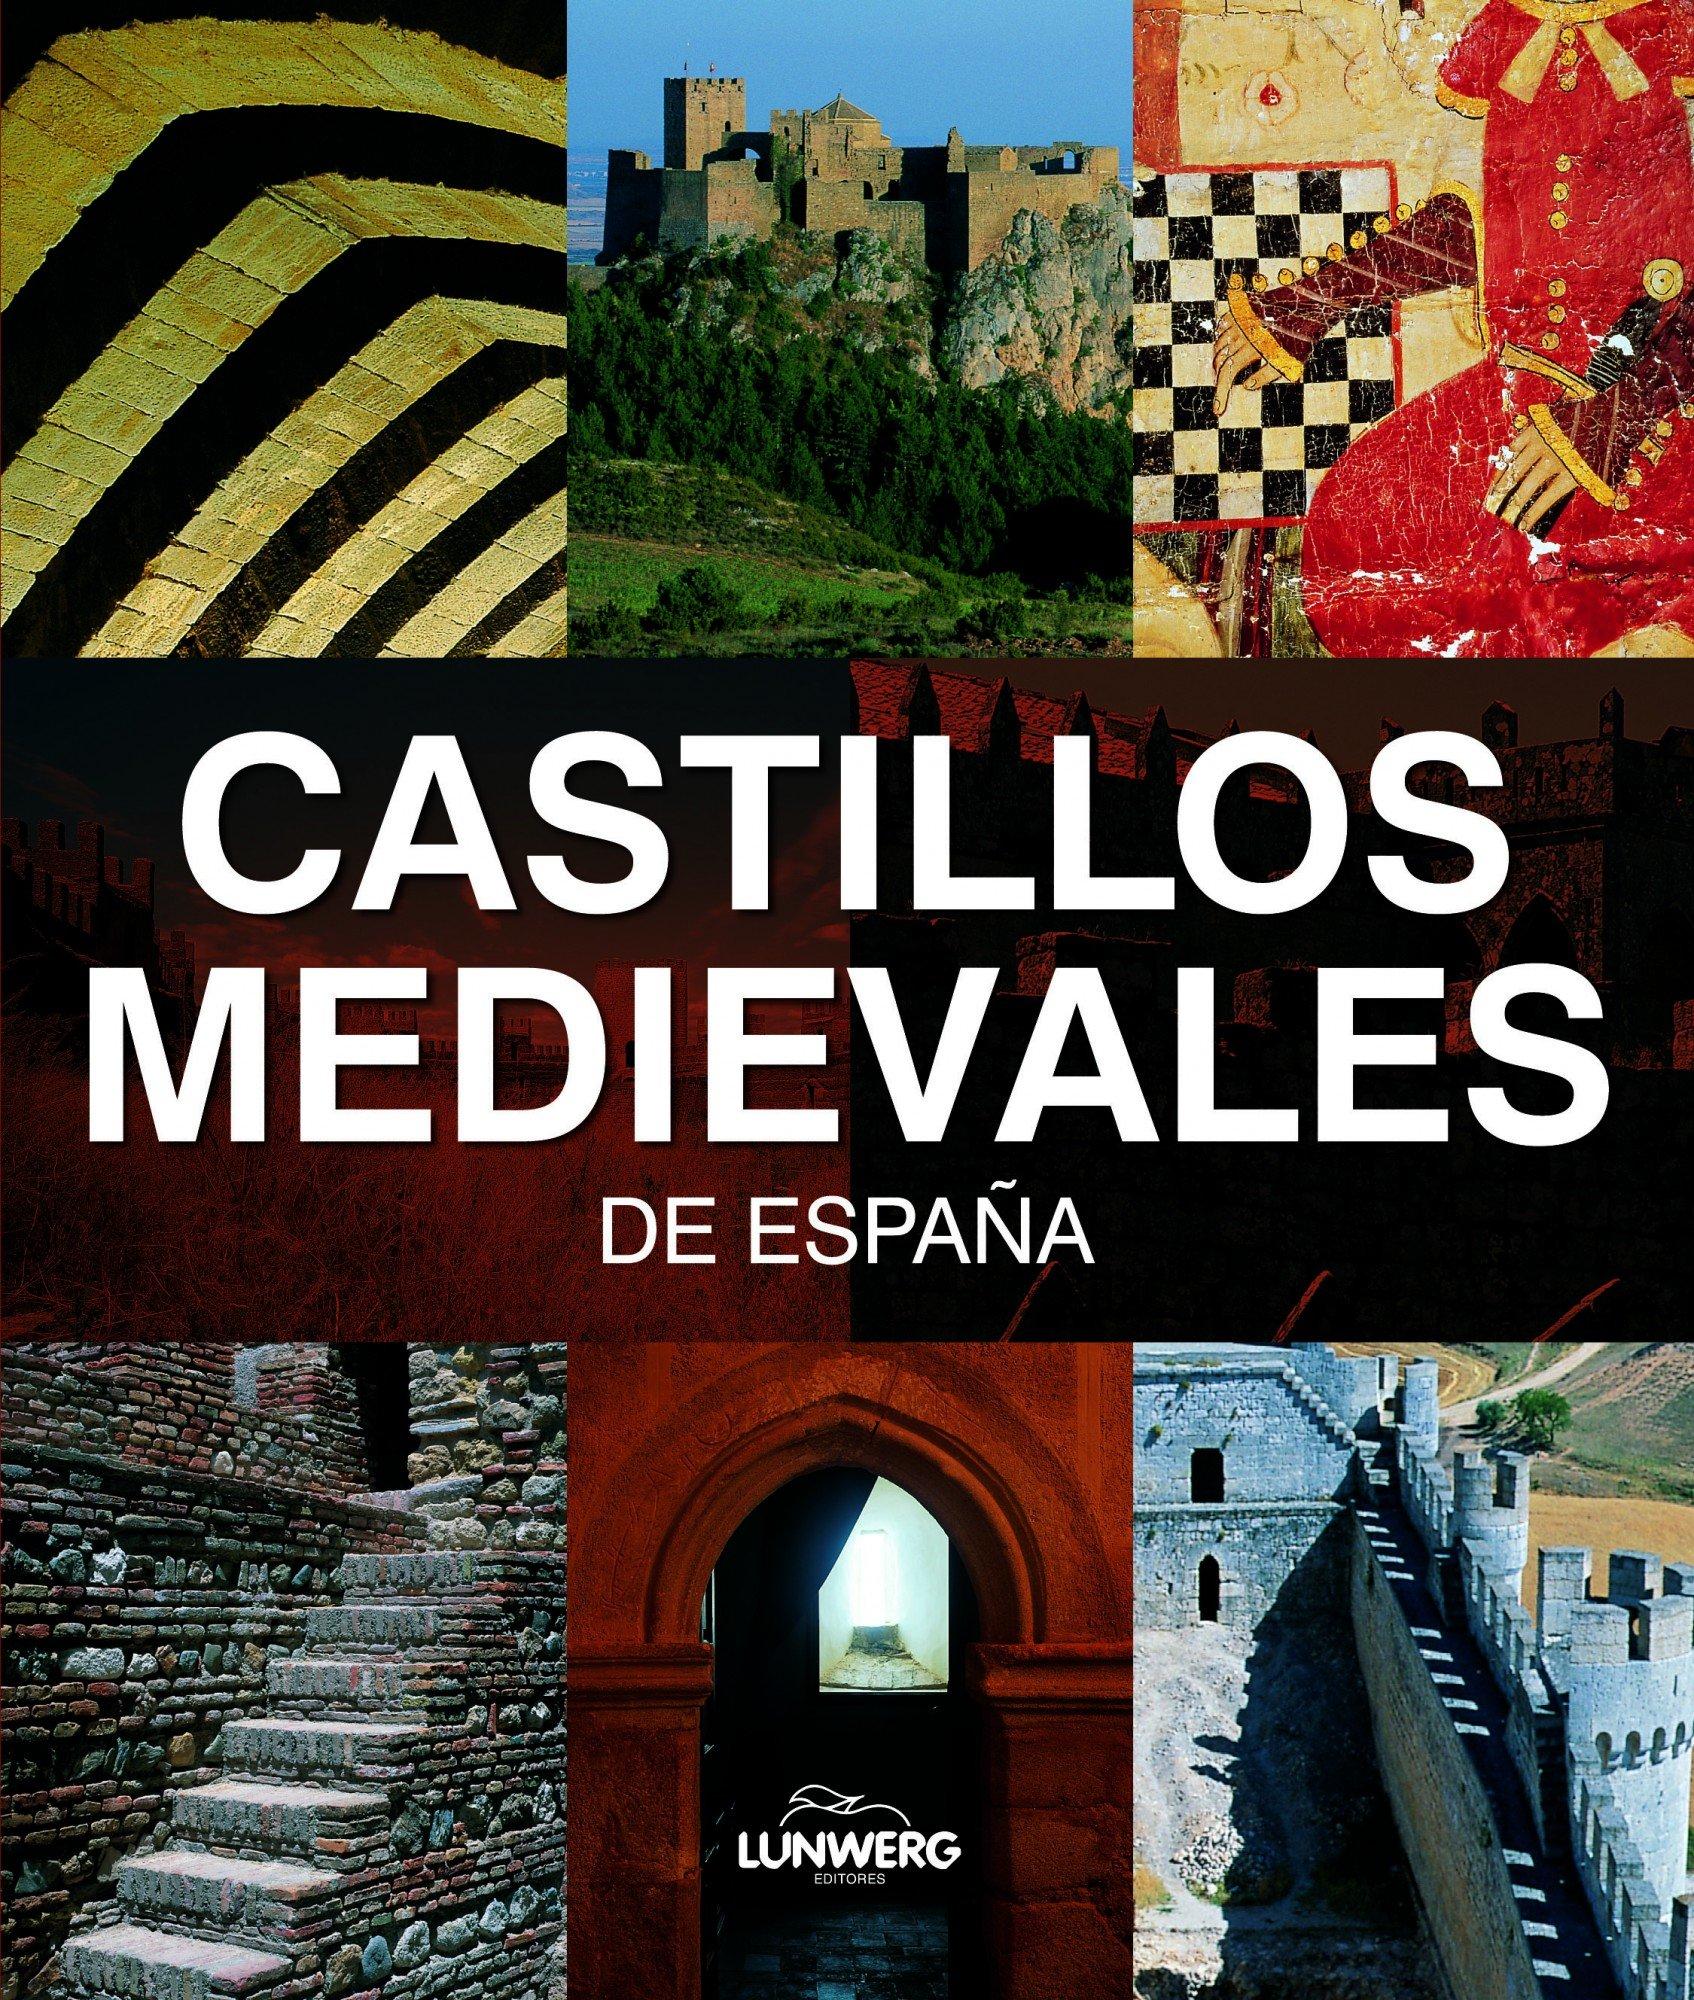 Castillos Medievales de España. Lunwerg Medium: Amazon.es: Monreal ...